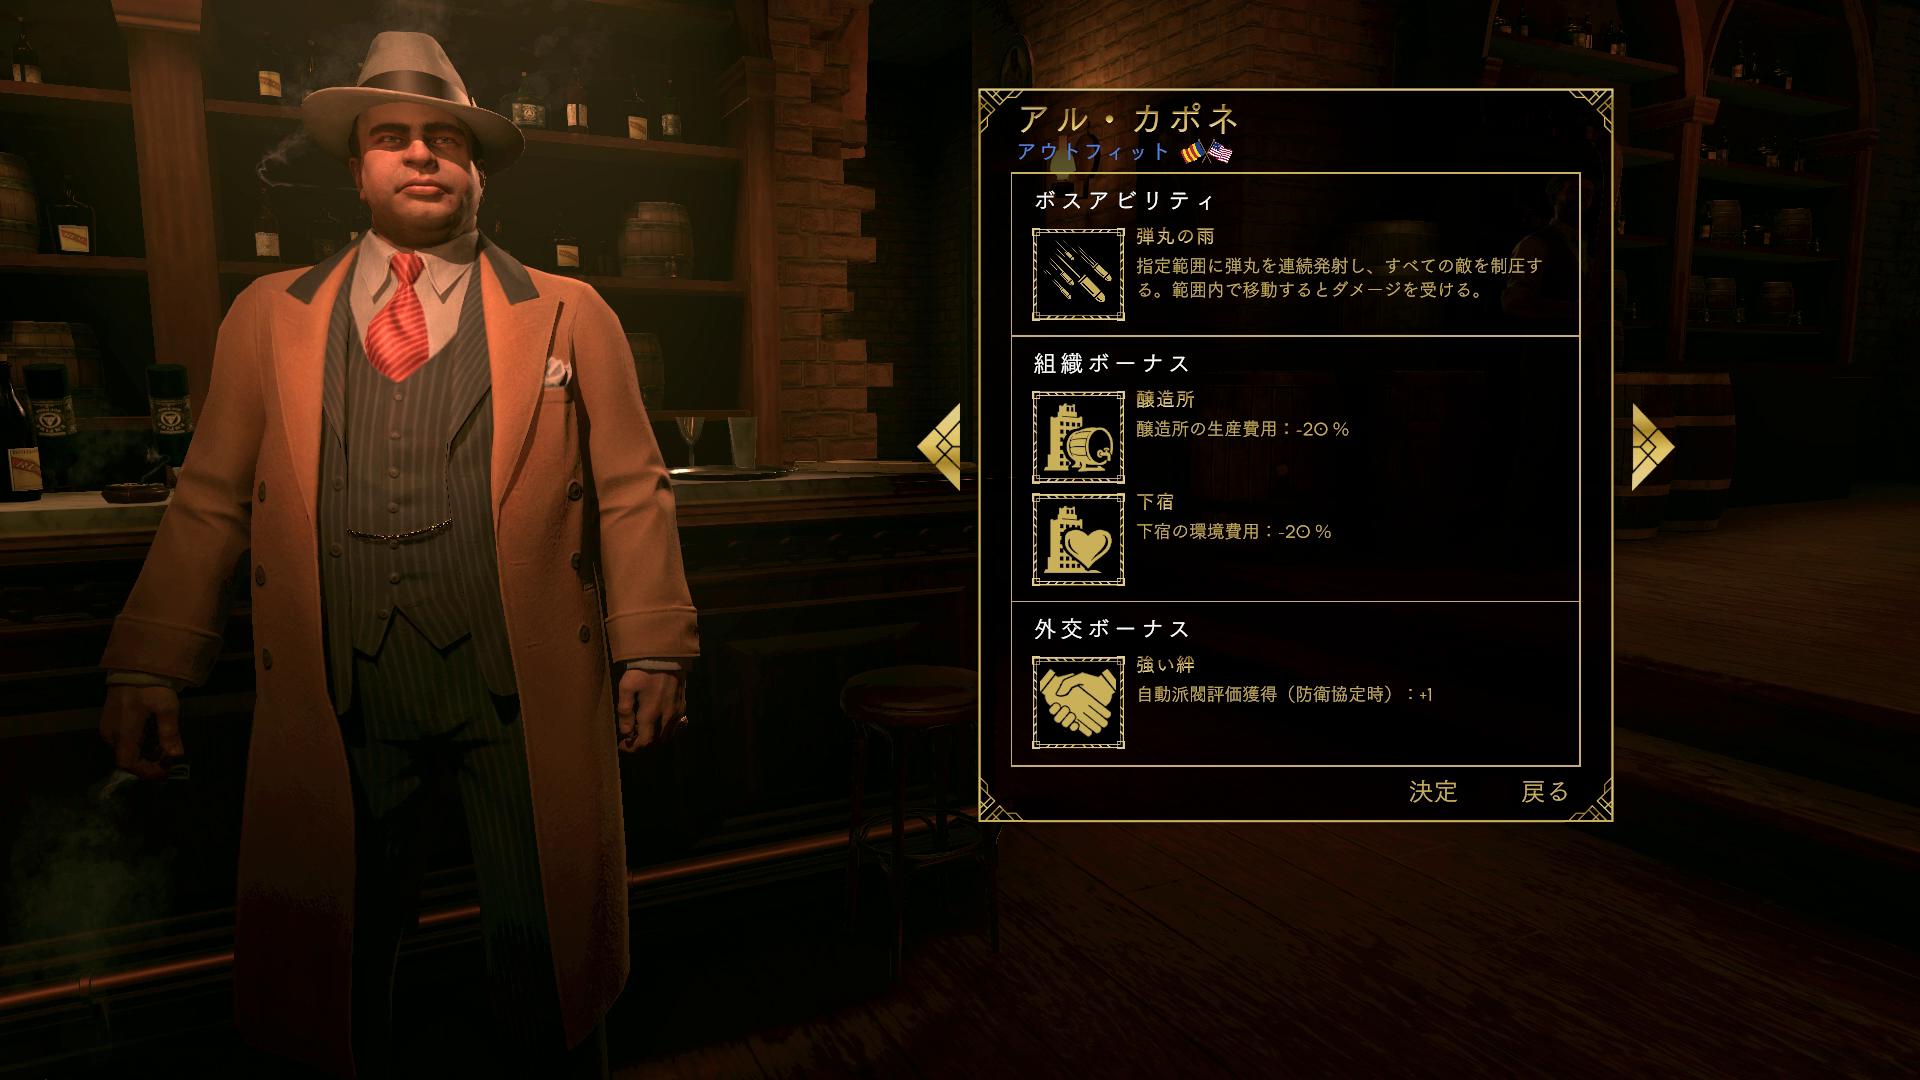 《罪恶帝国》官方第一波资讯:玩家人物介绍、私酒酿制细节